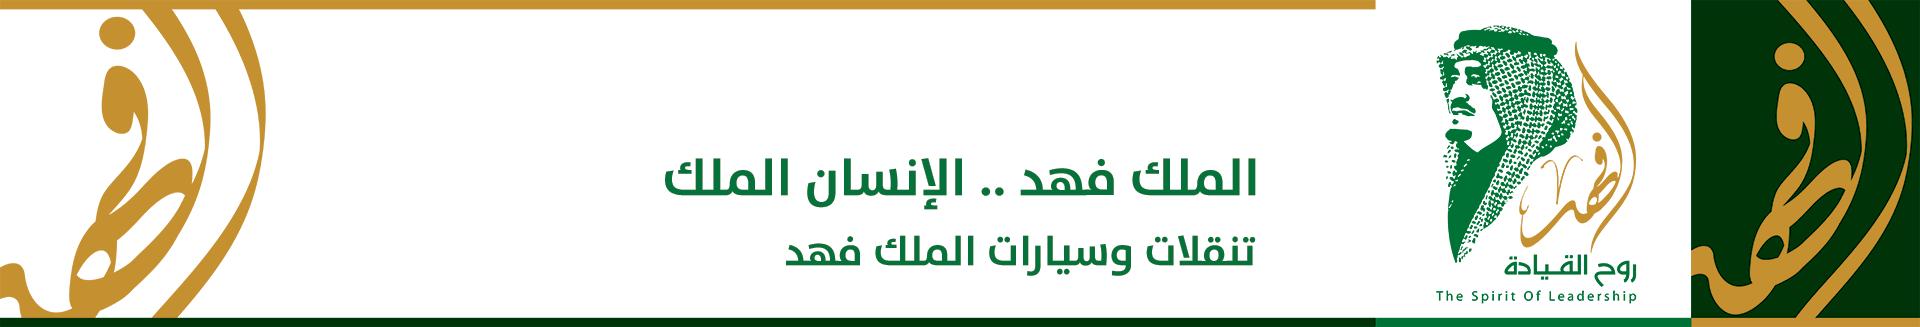 تنقلات وسيارات الملك فهد